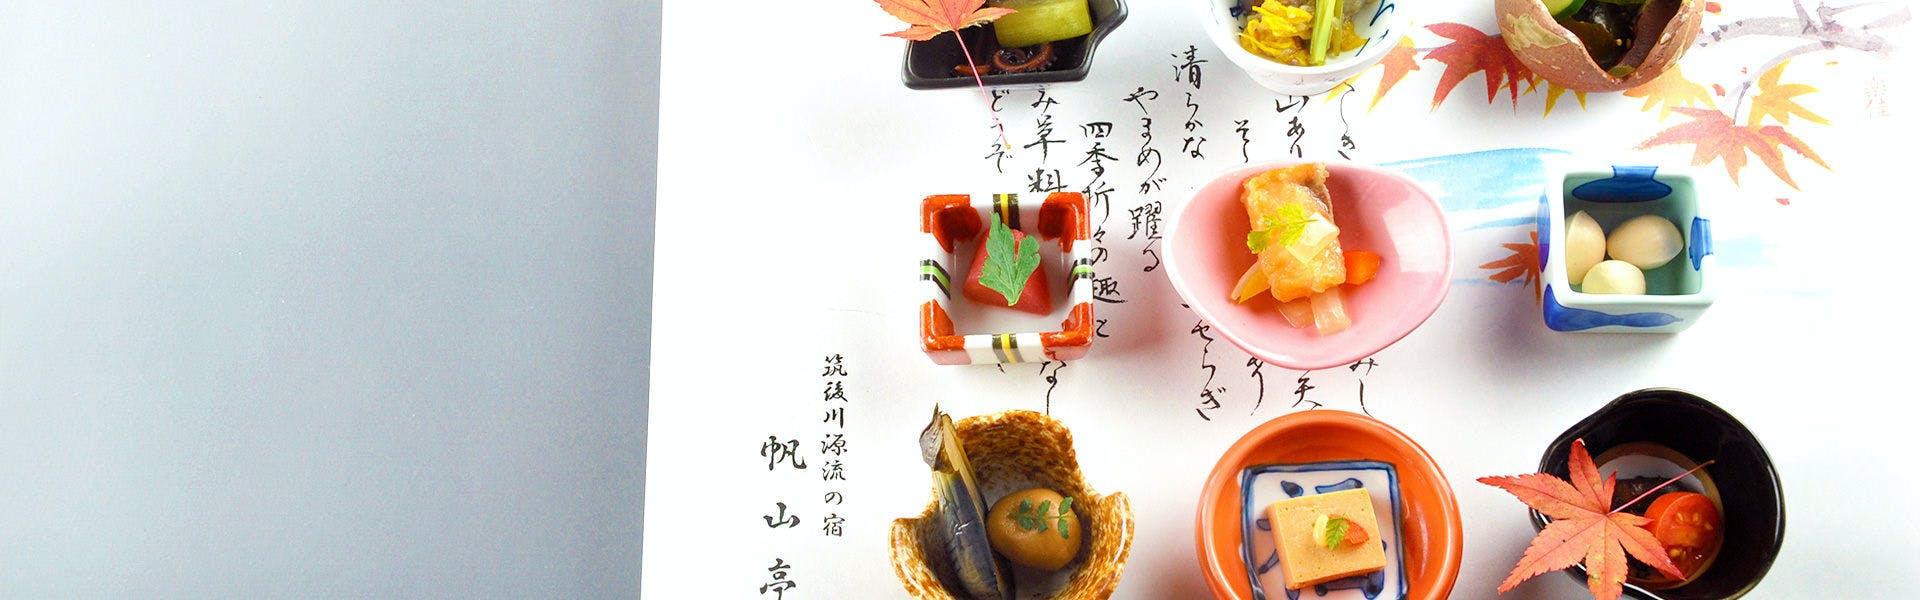 記念日におすすめのホテル・【源流の宿 帆山亭】の写真3